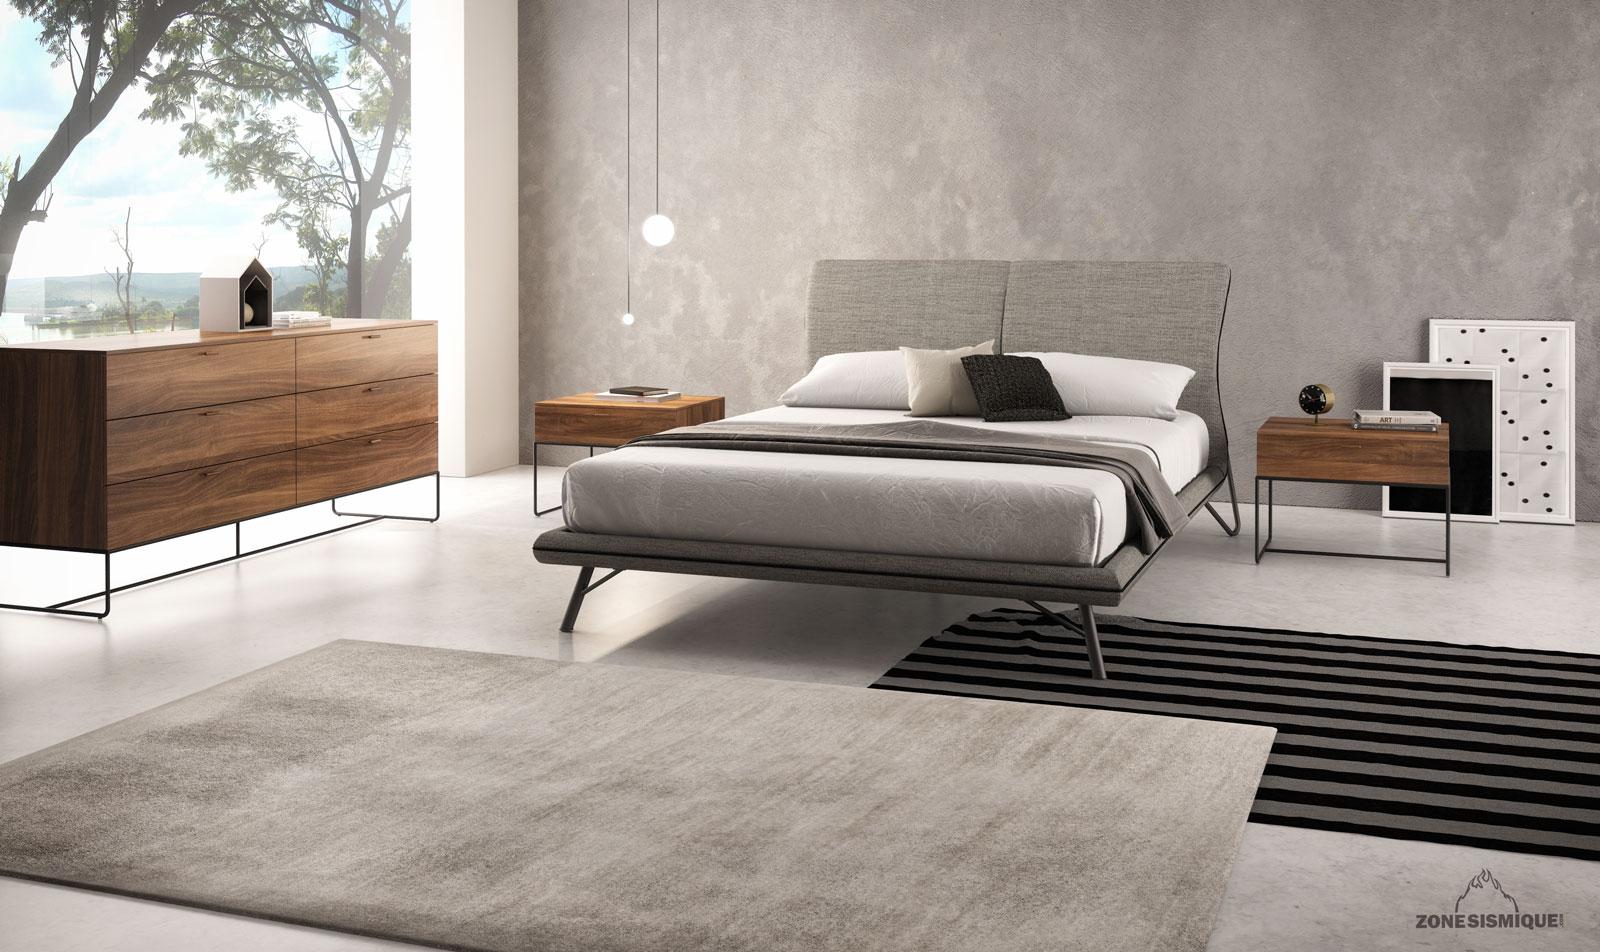 Chambres design design suprieure twin ou queen la plus for Belle chambre coucher